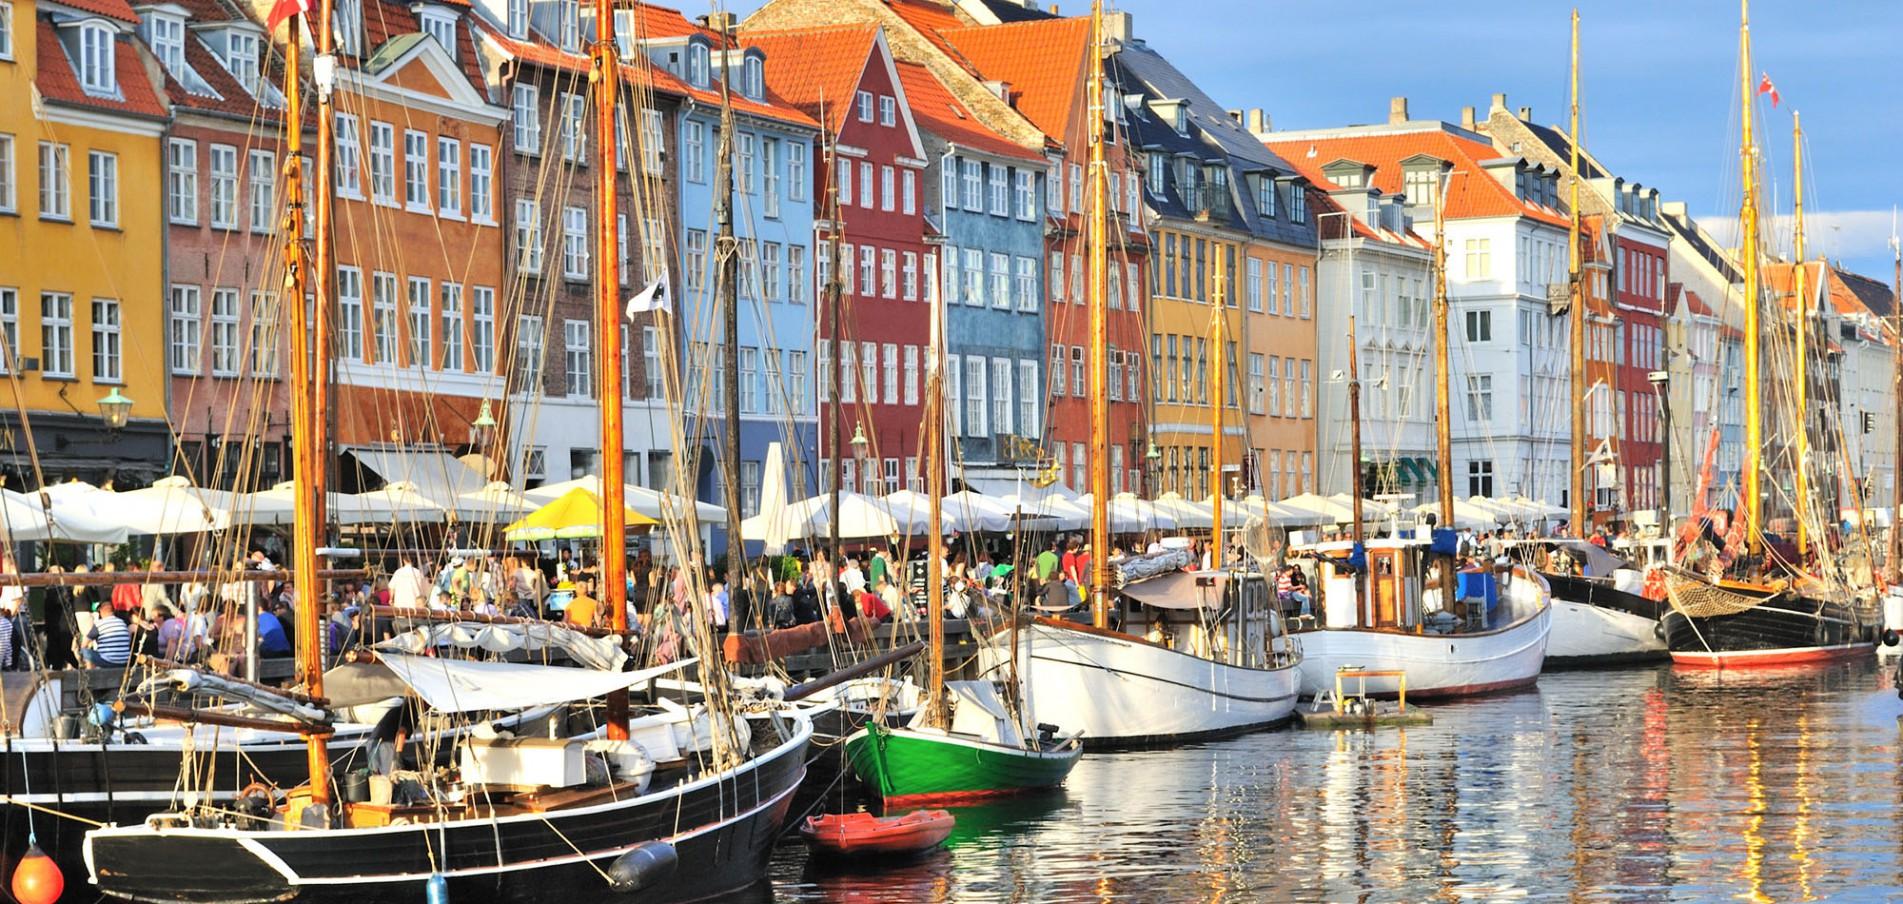 WILLKOMMEN IN KOPENHAGEN ... im Venedig des Nordens!